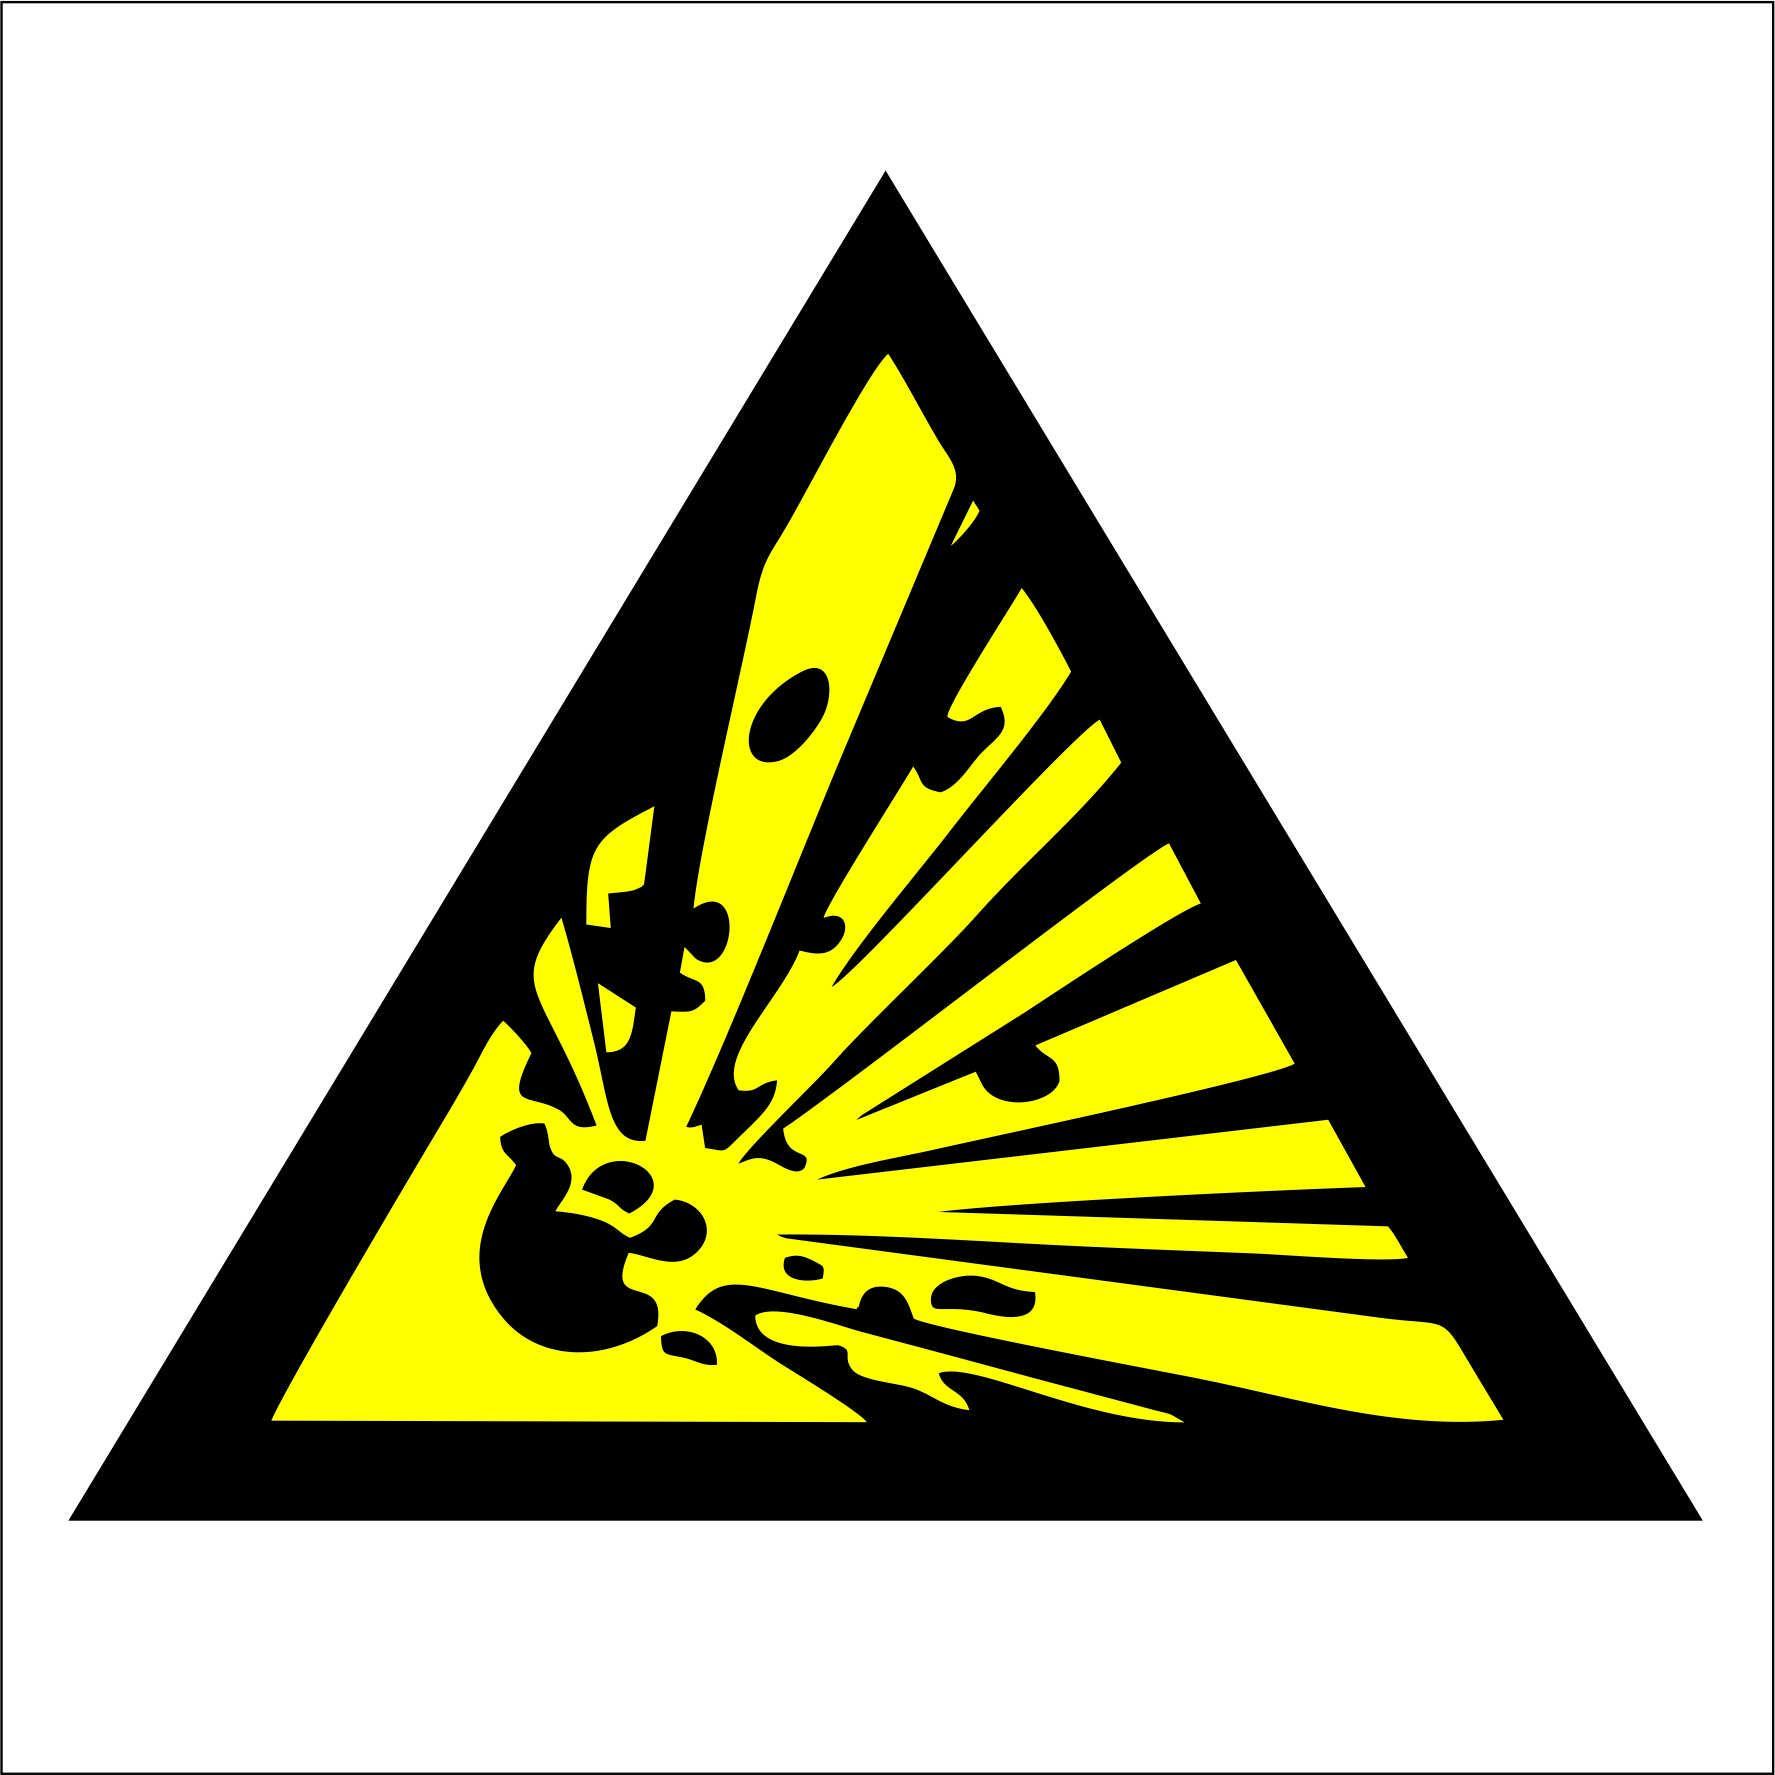 Dzeltena uzlīme degoša viela ugunsbīstama telpa